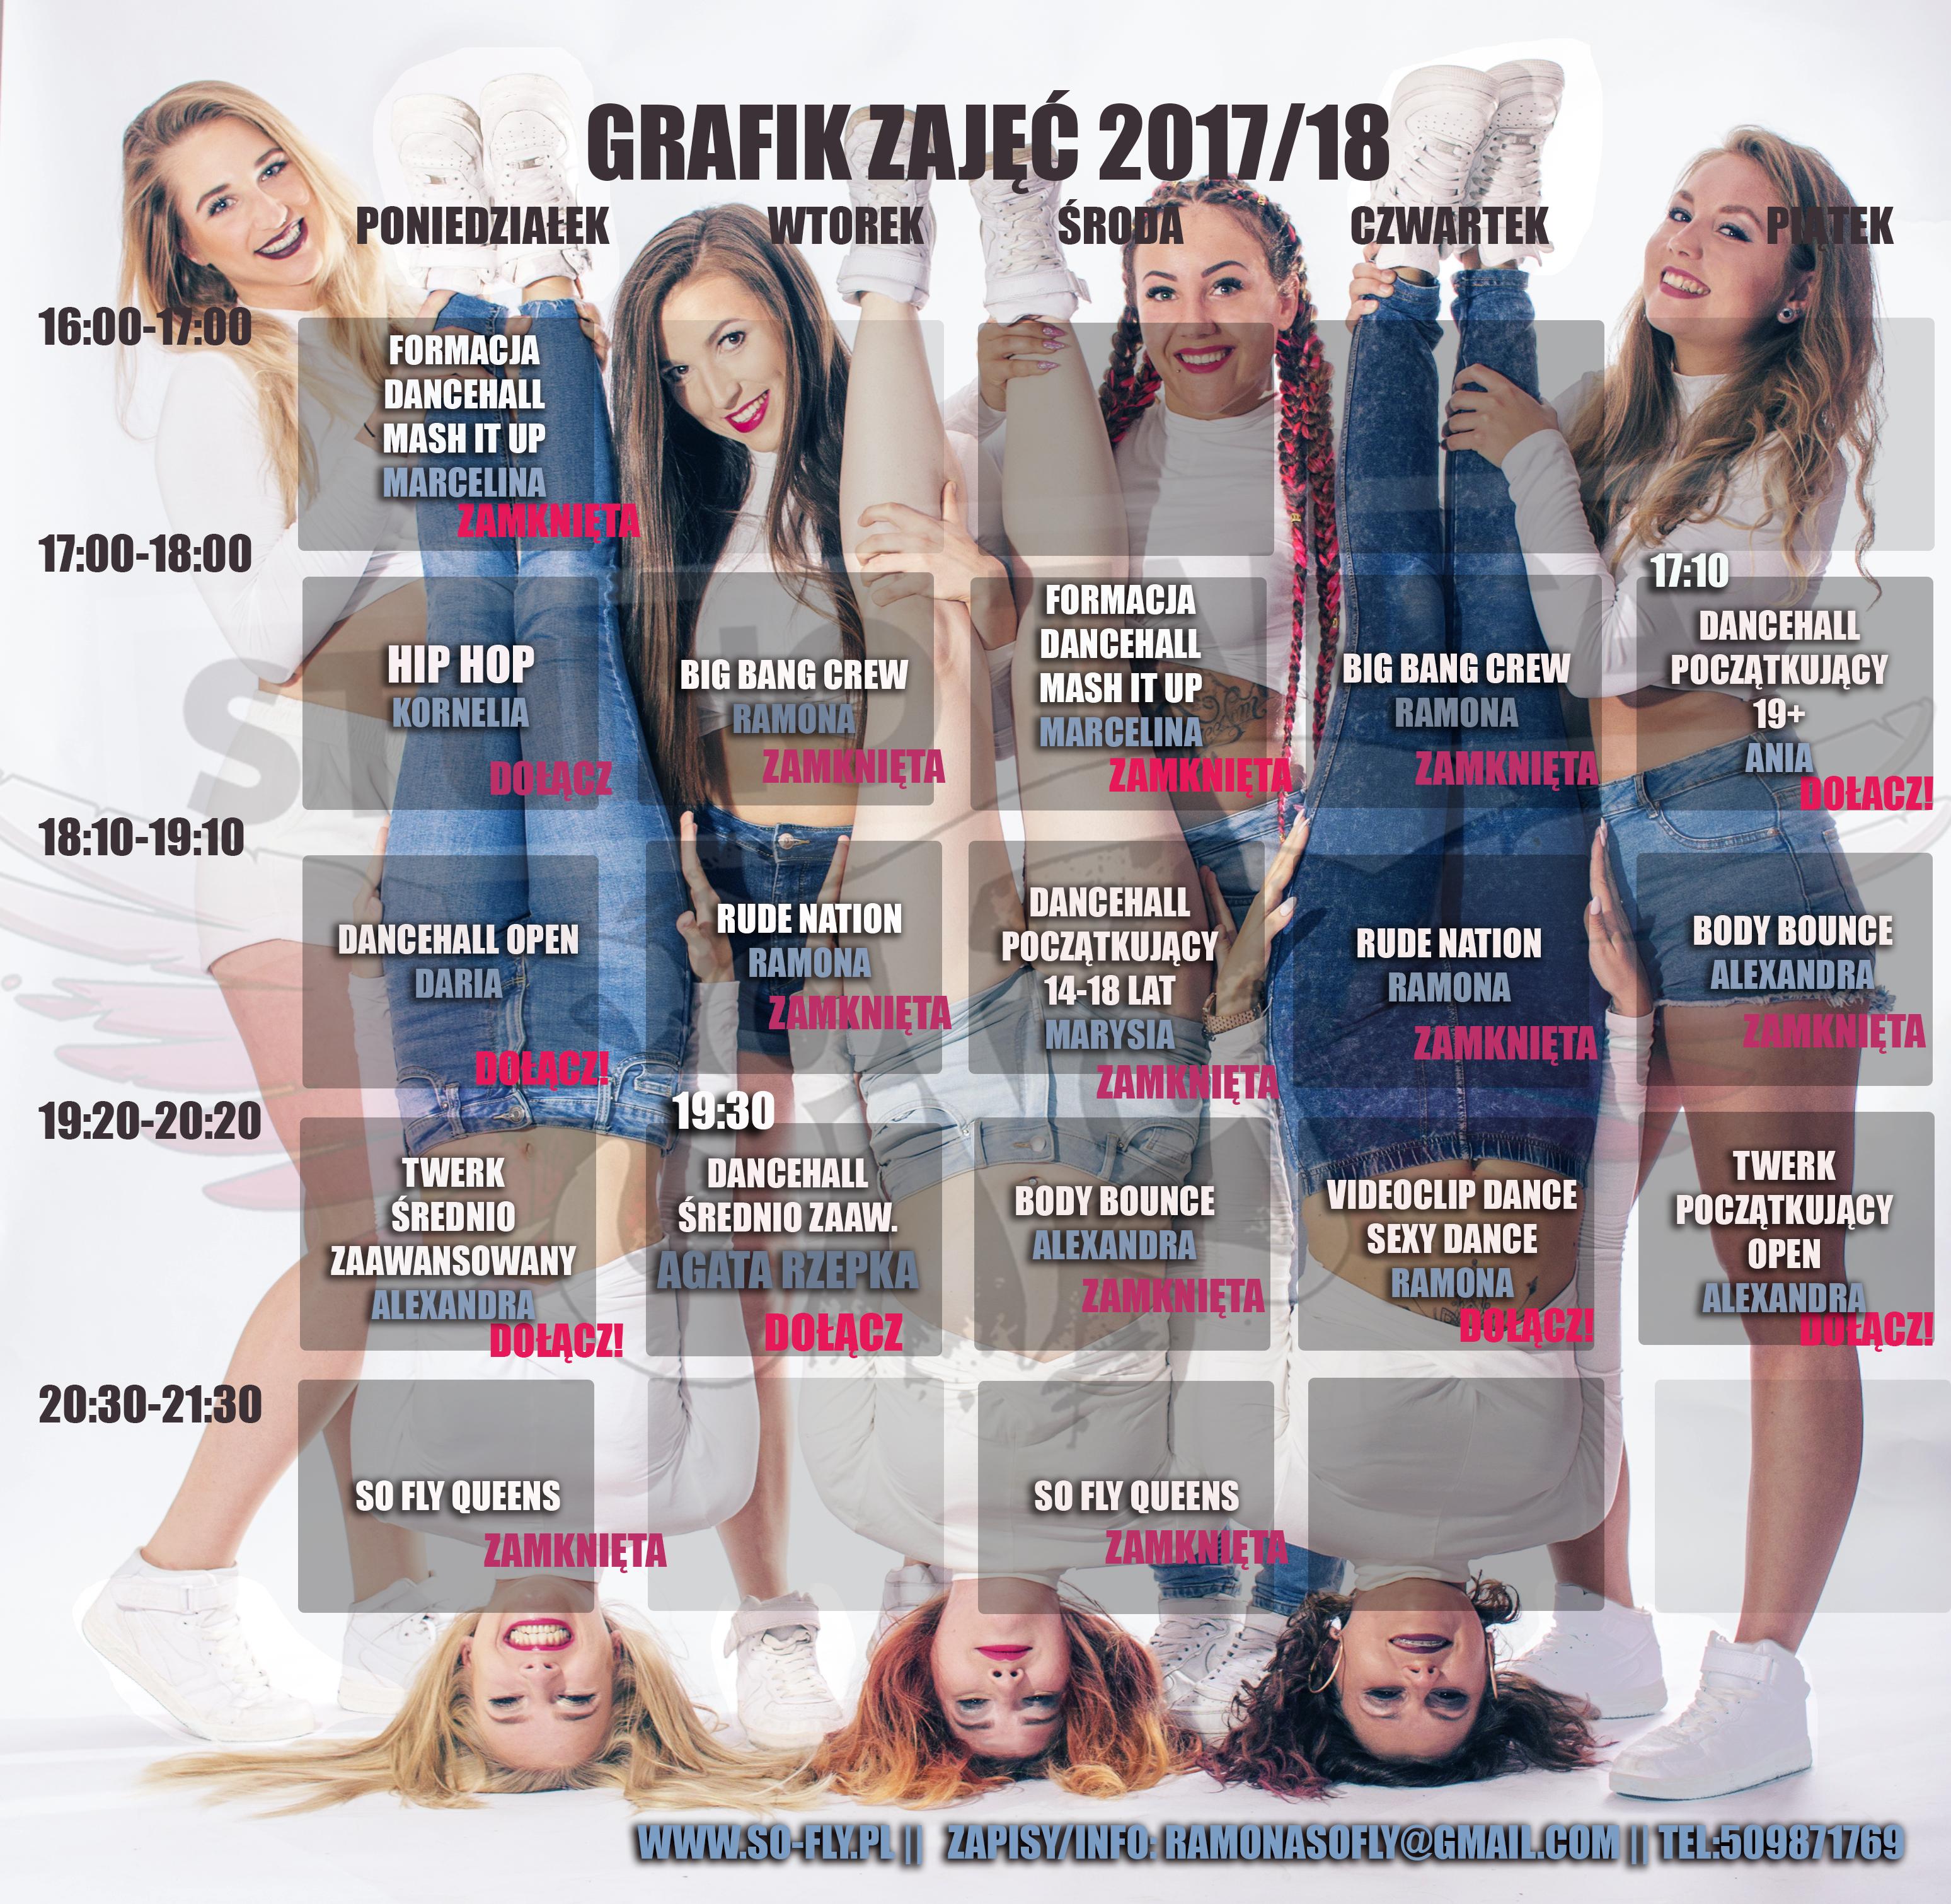 GRAFIK GRUDZIEŃ 2017